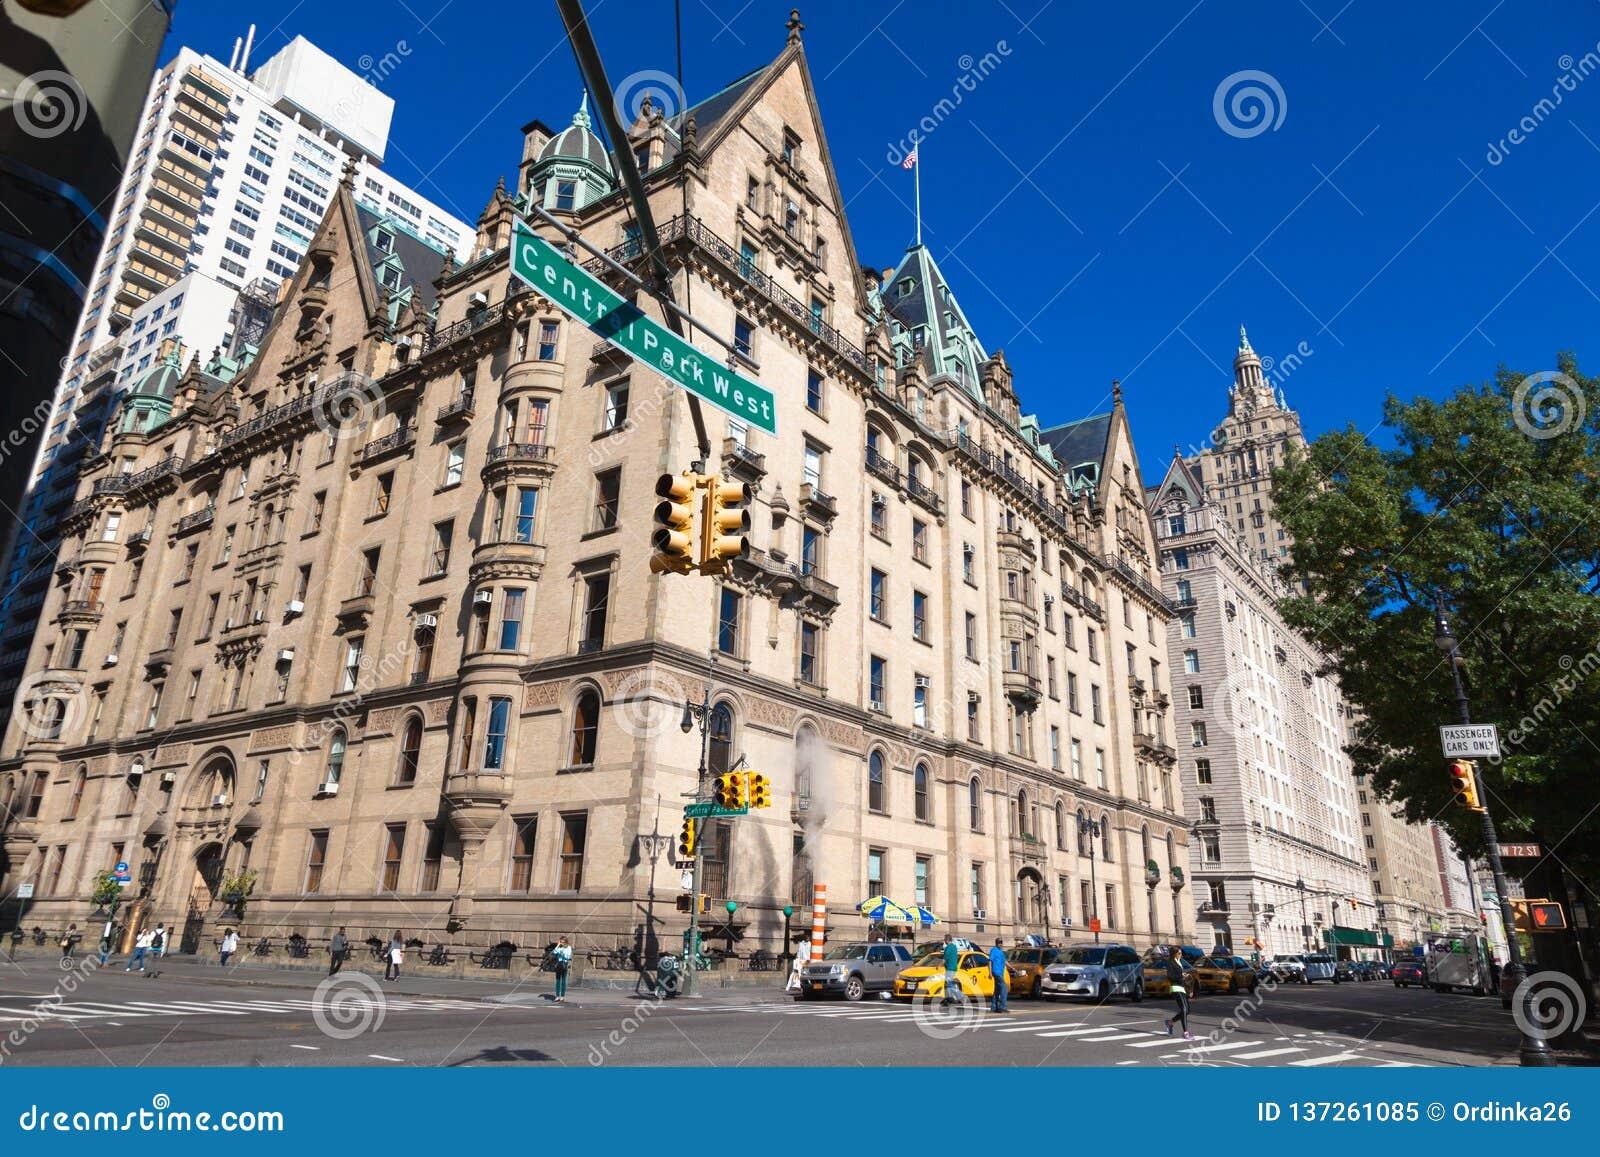 USA, NEW YORK - 15. OKTOBER 2013: Straßen-Central Park-Weststadtmitte NY Dakota-Wohnungen Haus von John Lennon Beatles